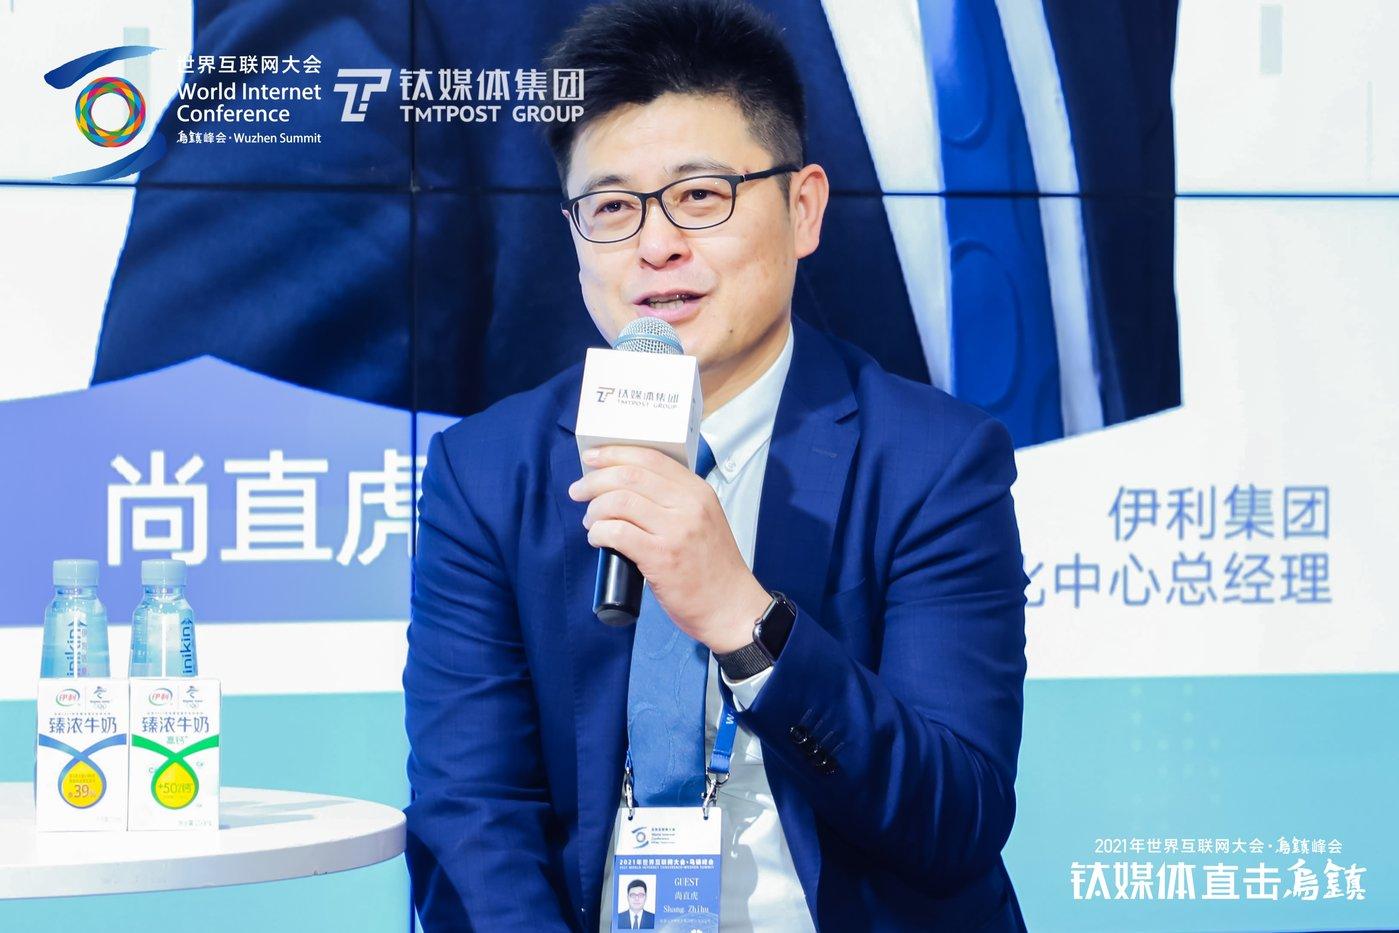 伊利集团数字化中心总经理尚直虎